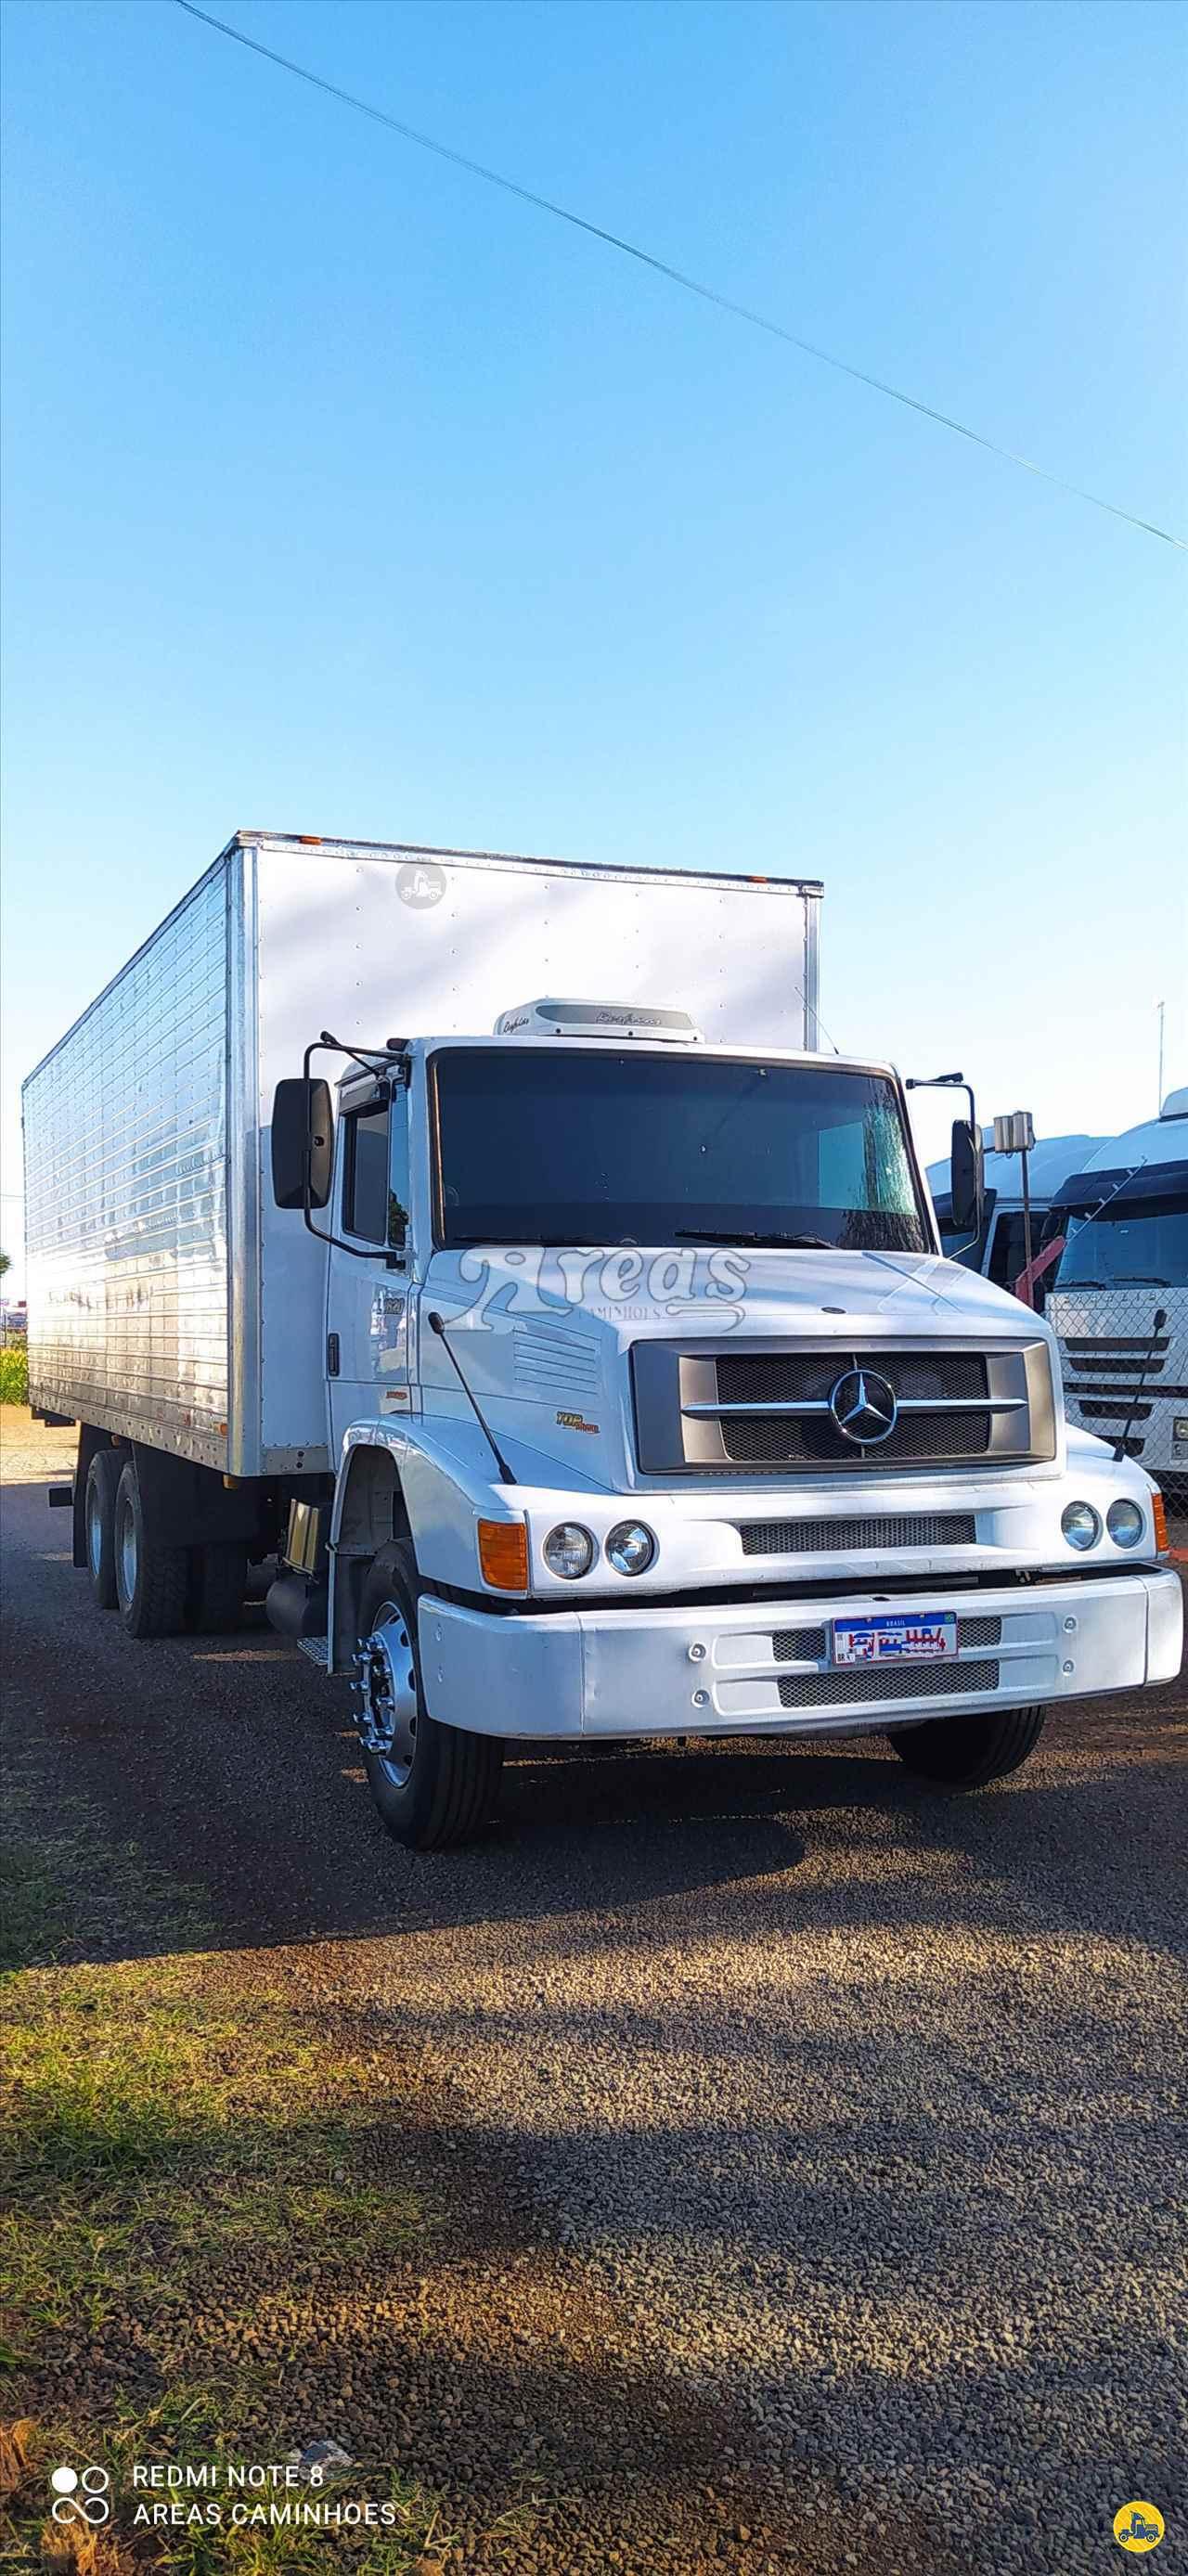 CAMINHAO MERCEDES-BENZ MB 1620 Baú Furgão Truck 6x2 Arêas Caminhões MARINGA PARANÁ PR